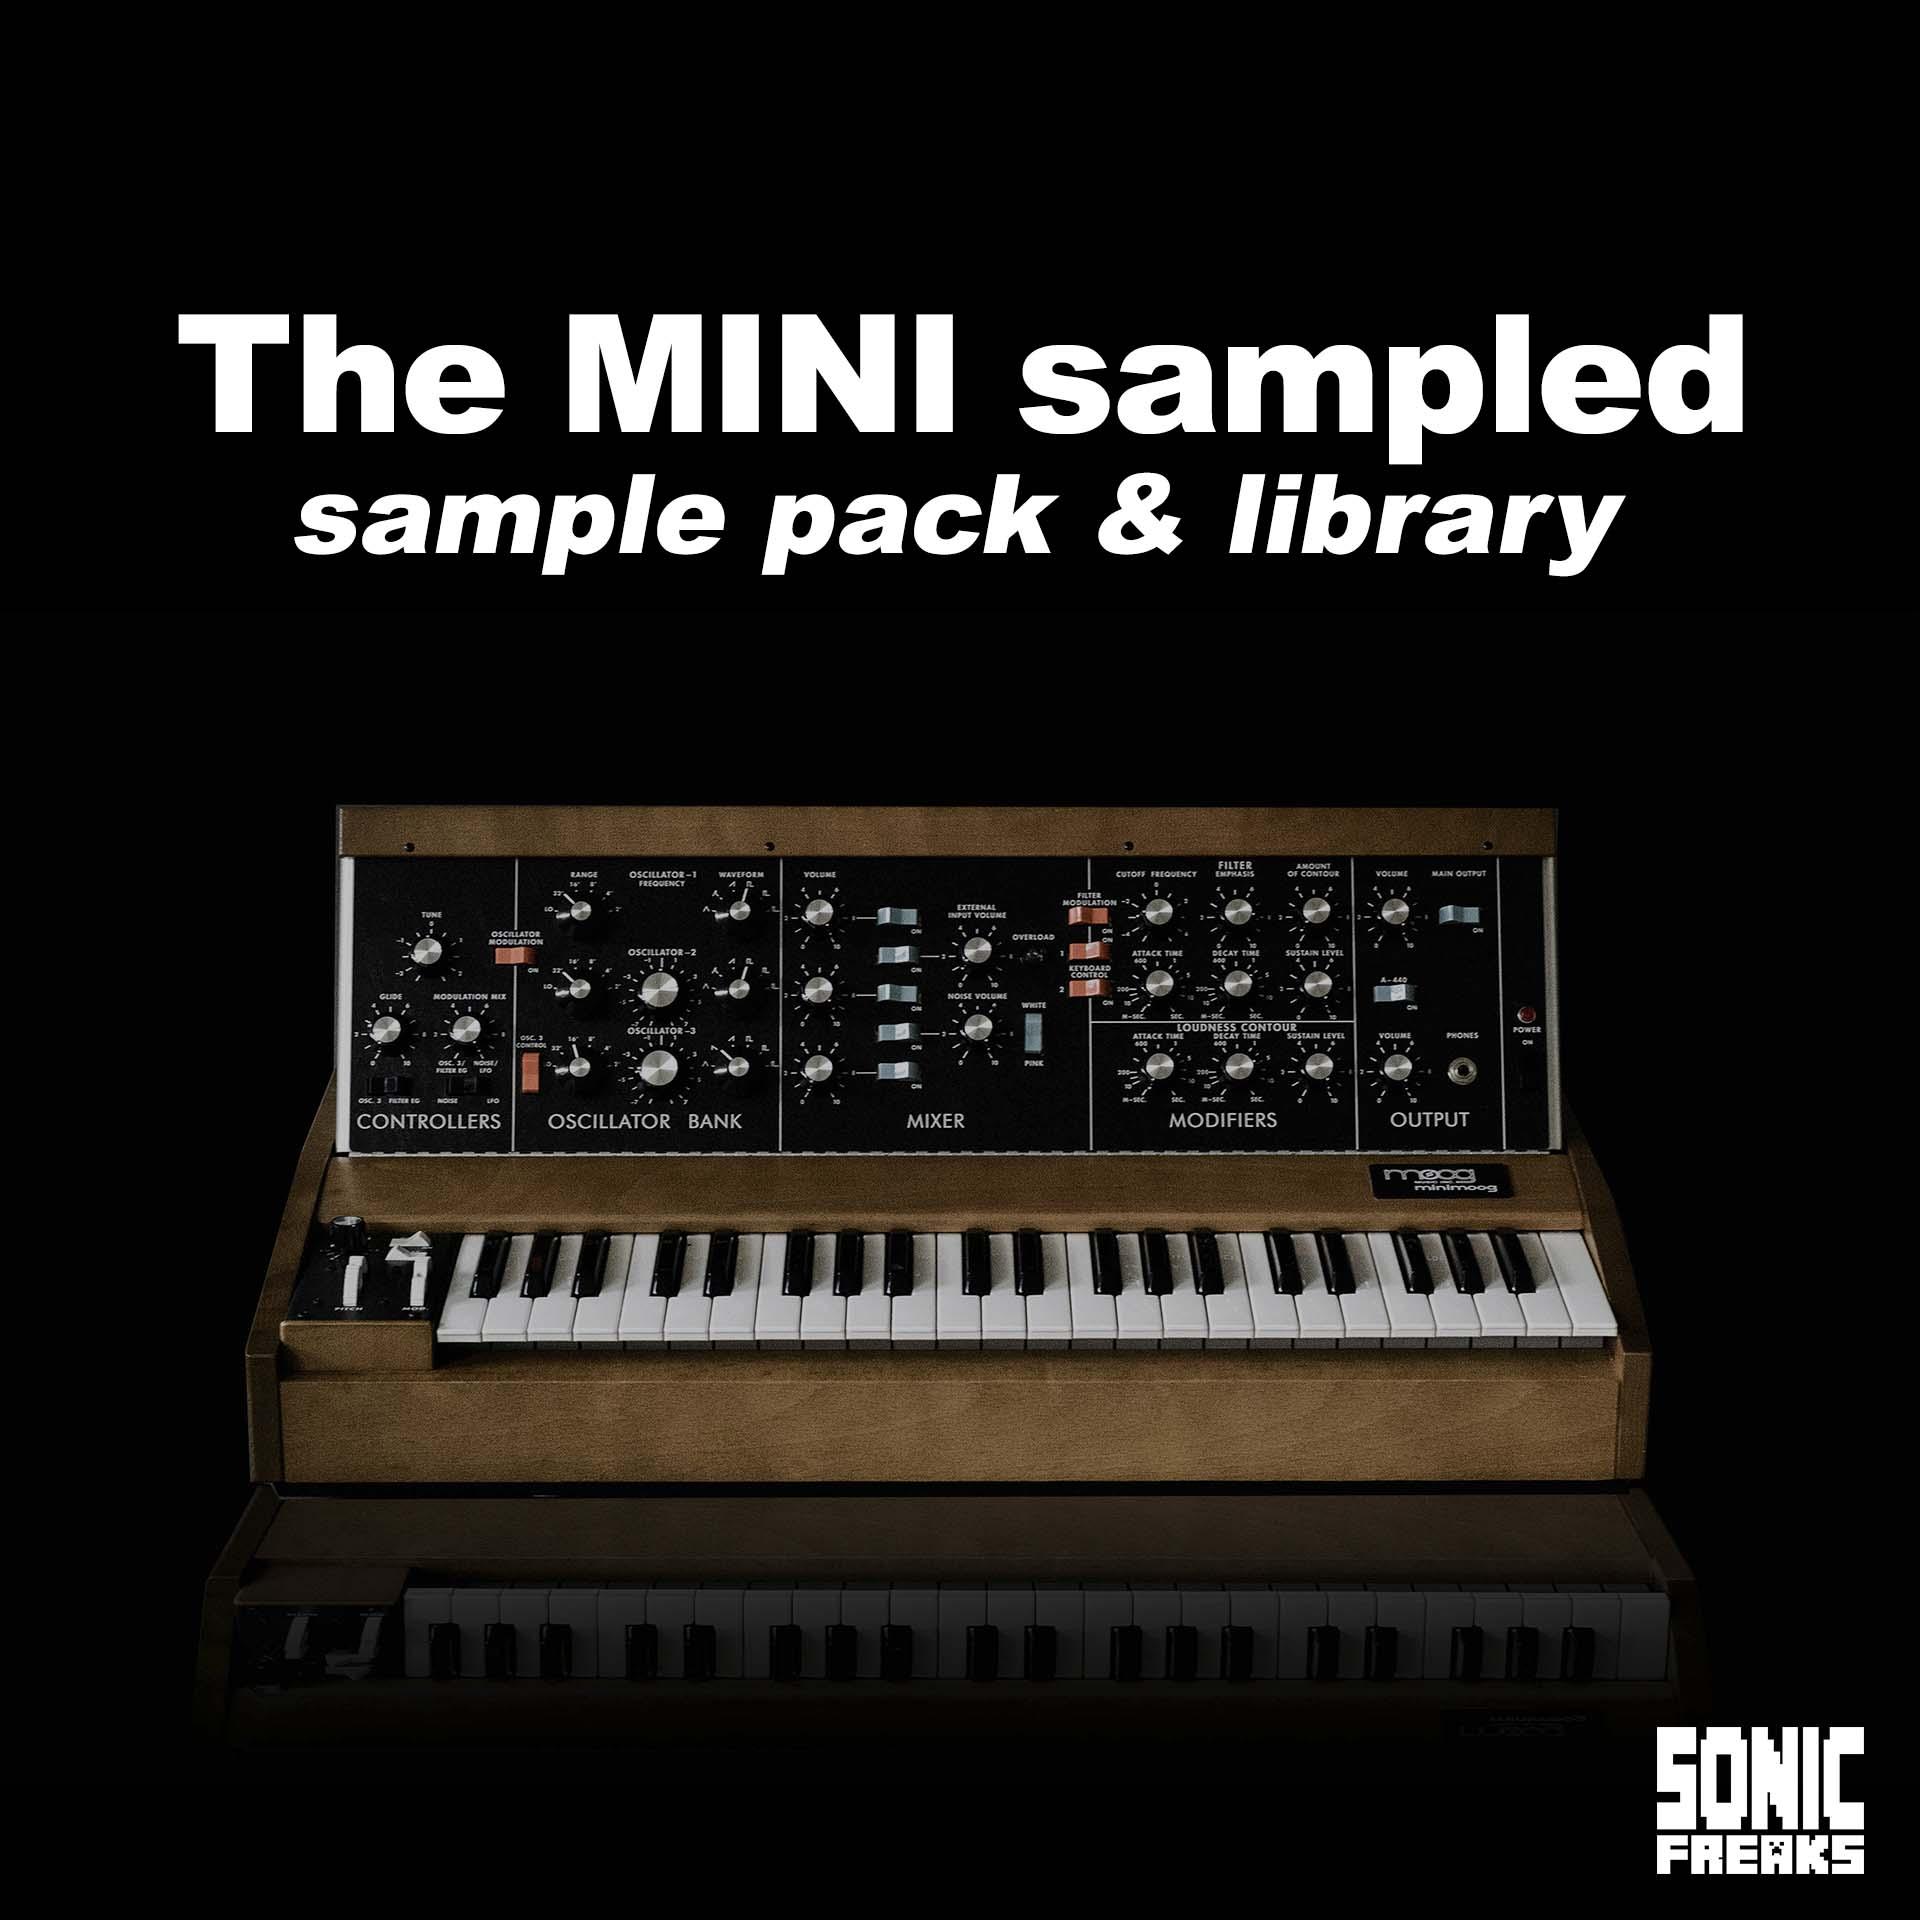 the MINI sampled